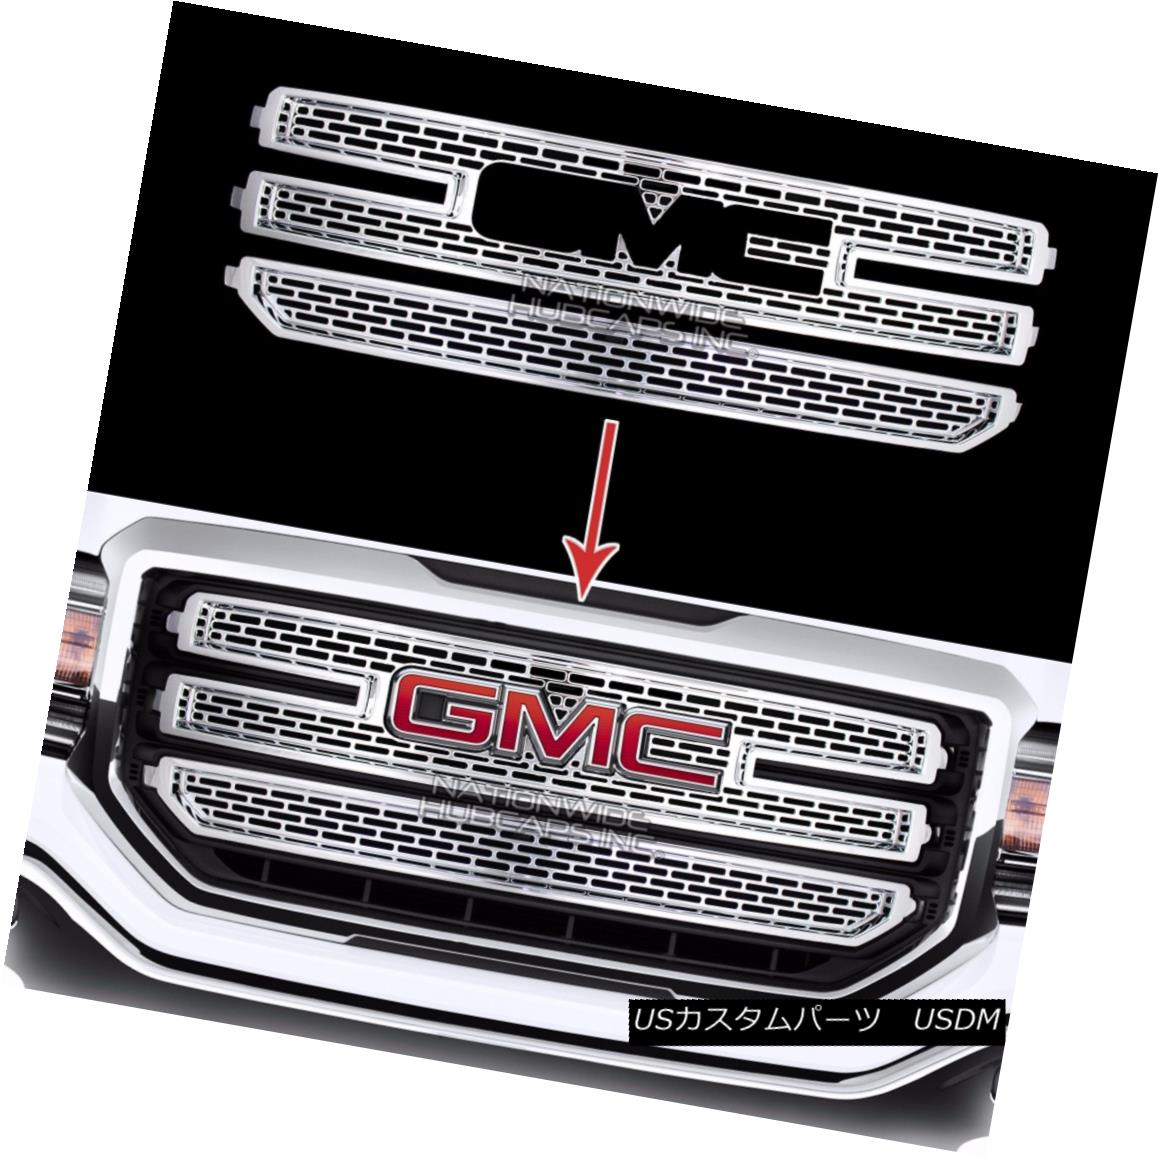 グリル 2016-18 GMC Sierra 1500 CHROME Snap On Grille Overlay 3 Bar Grill Covers Inserts 2016-18 GMC Sierra 1500 CHROMEスナップオングリルオーバーレイ3バーグリルカバーインサート